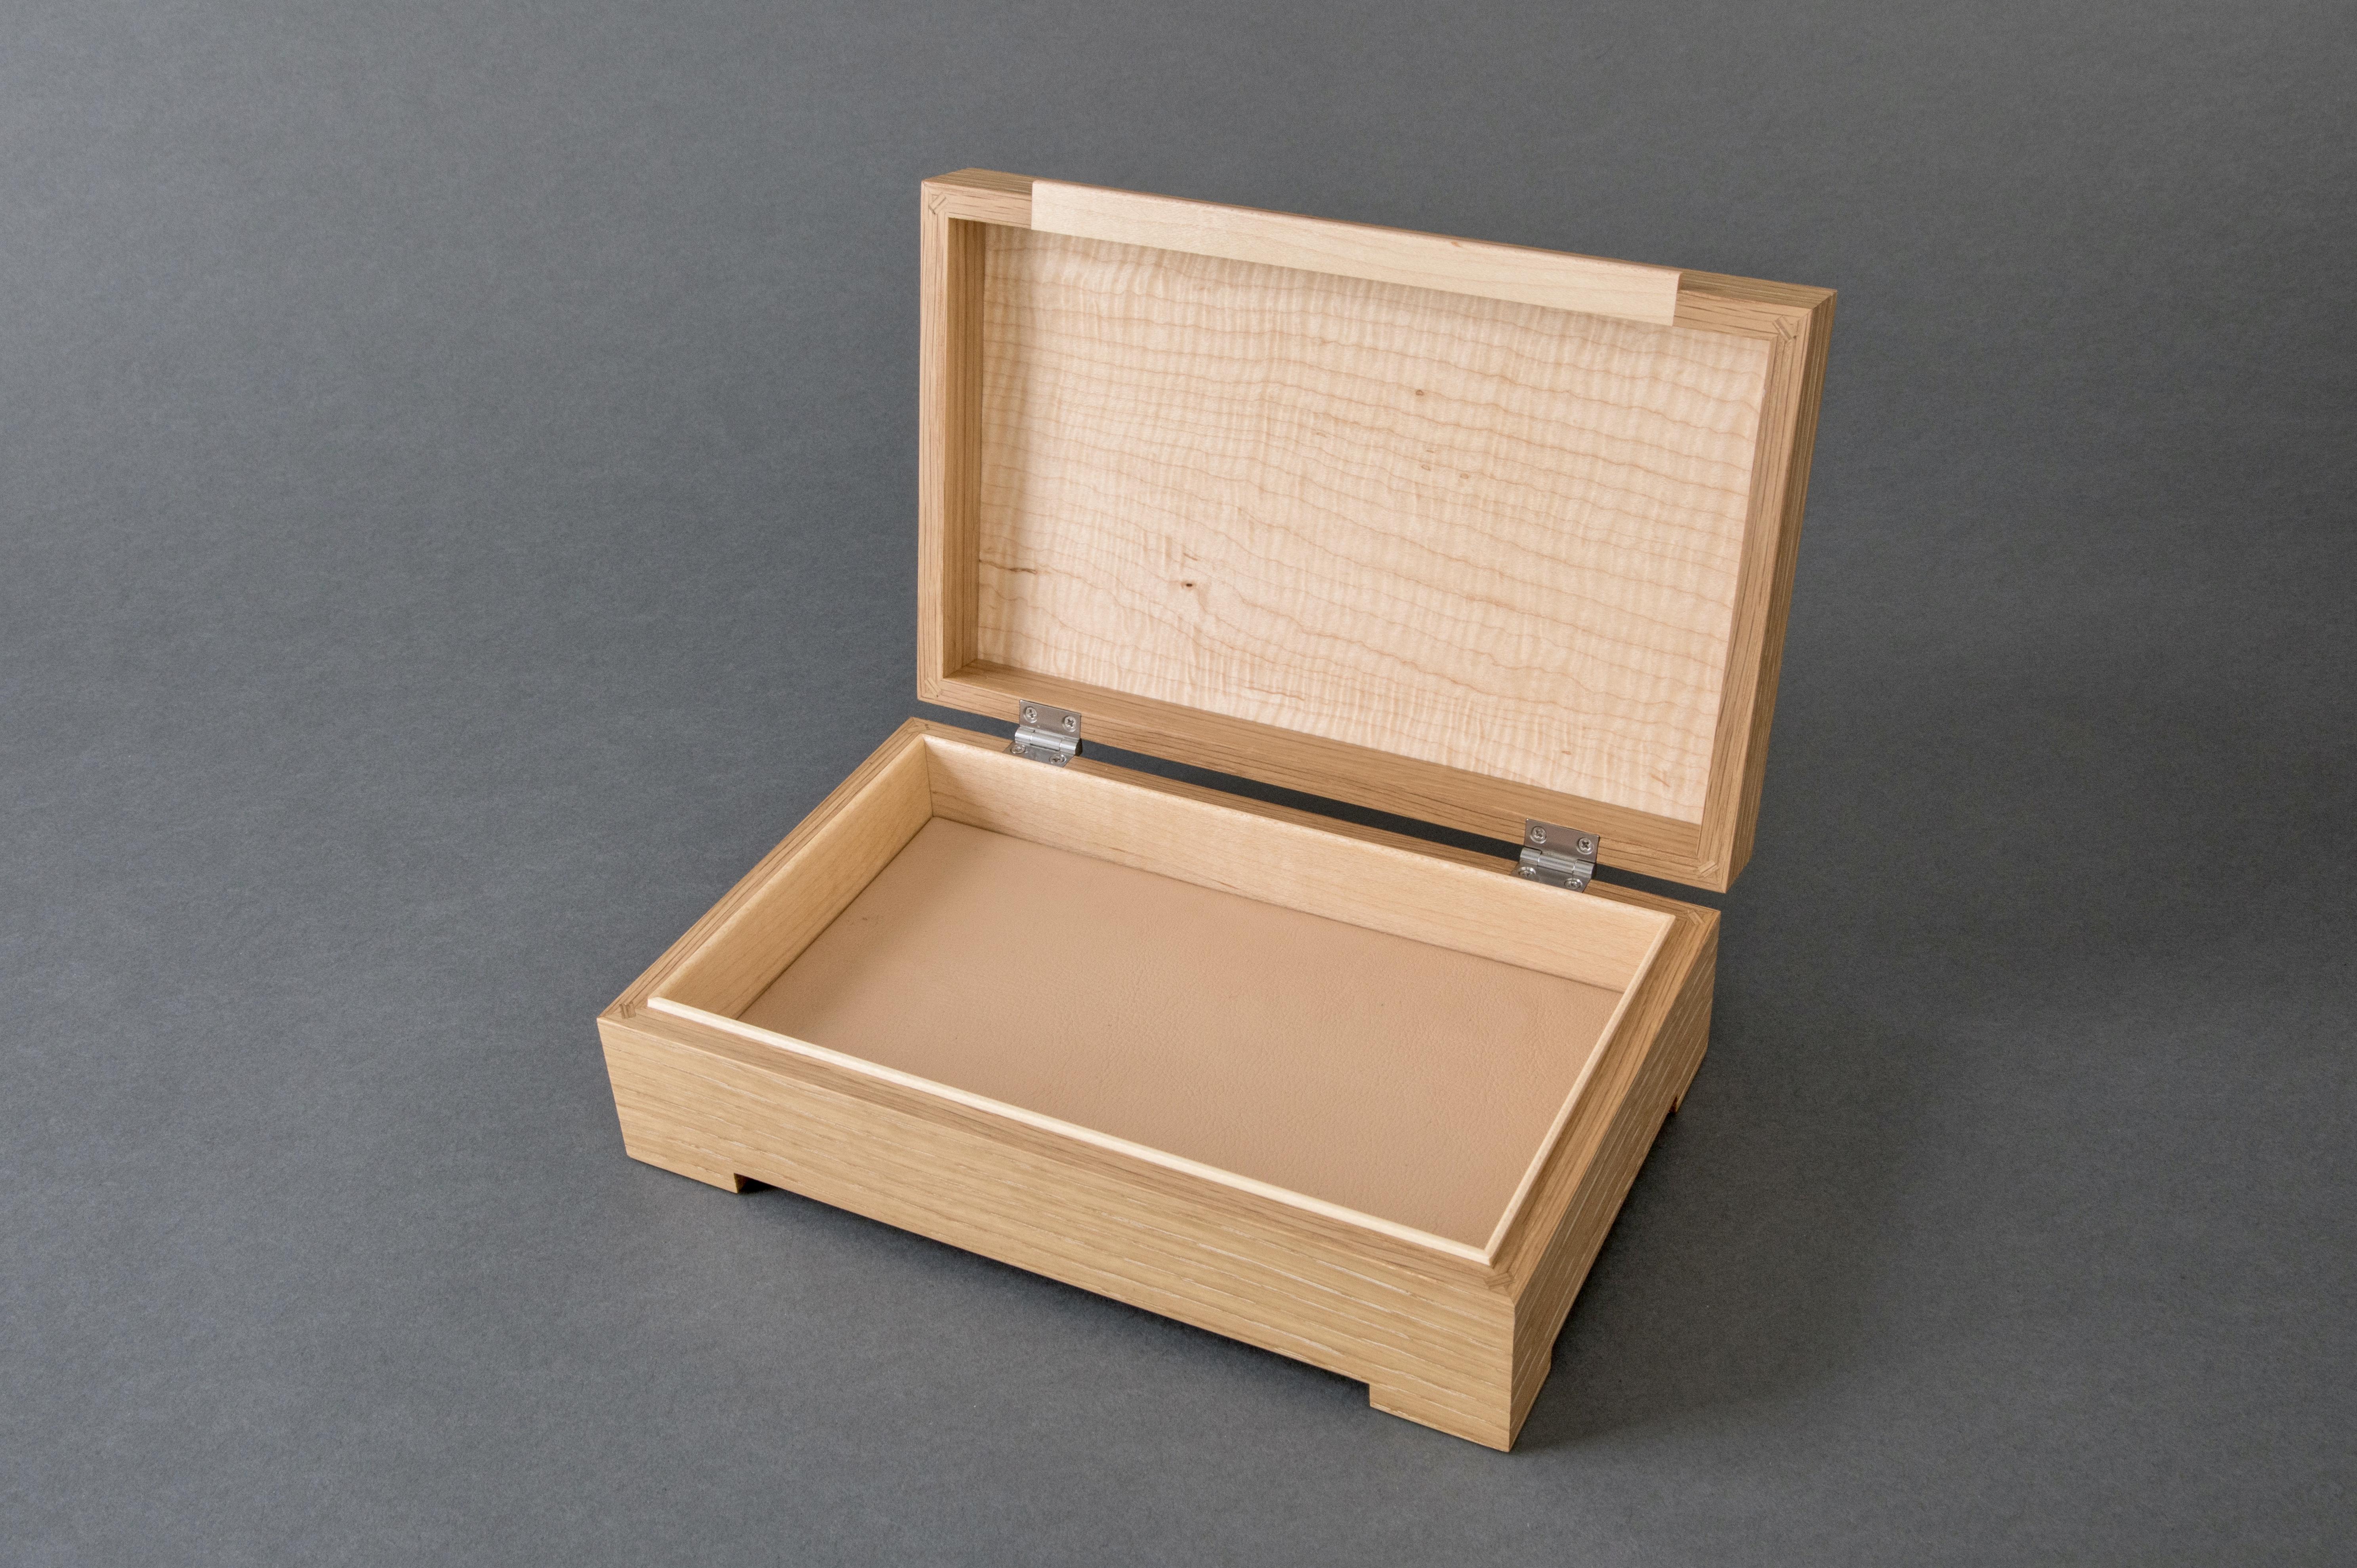 Oak and Maple Jewelry Box